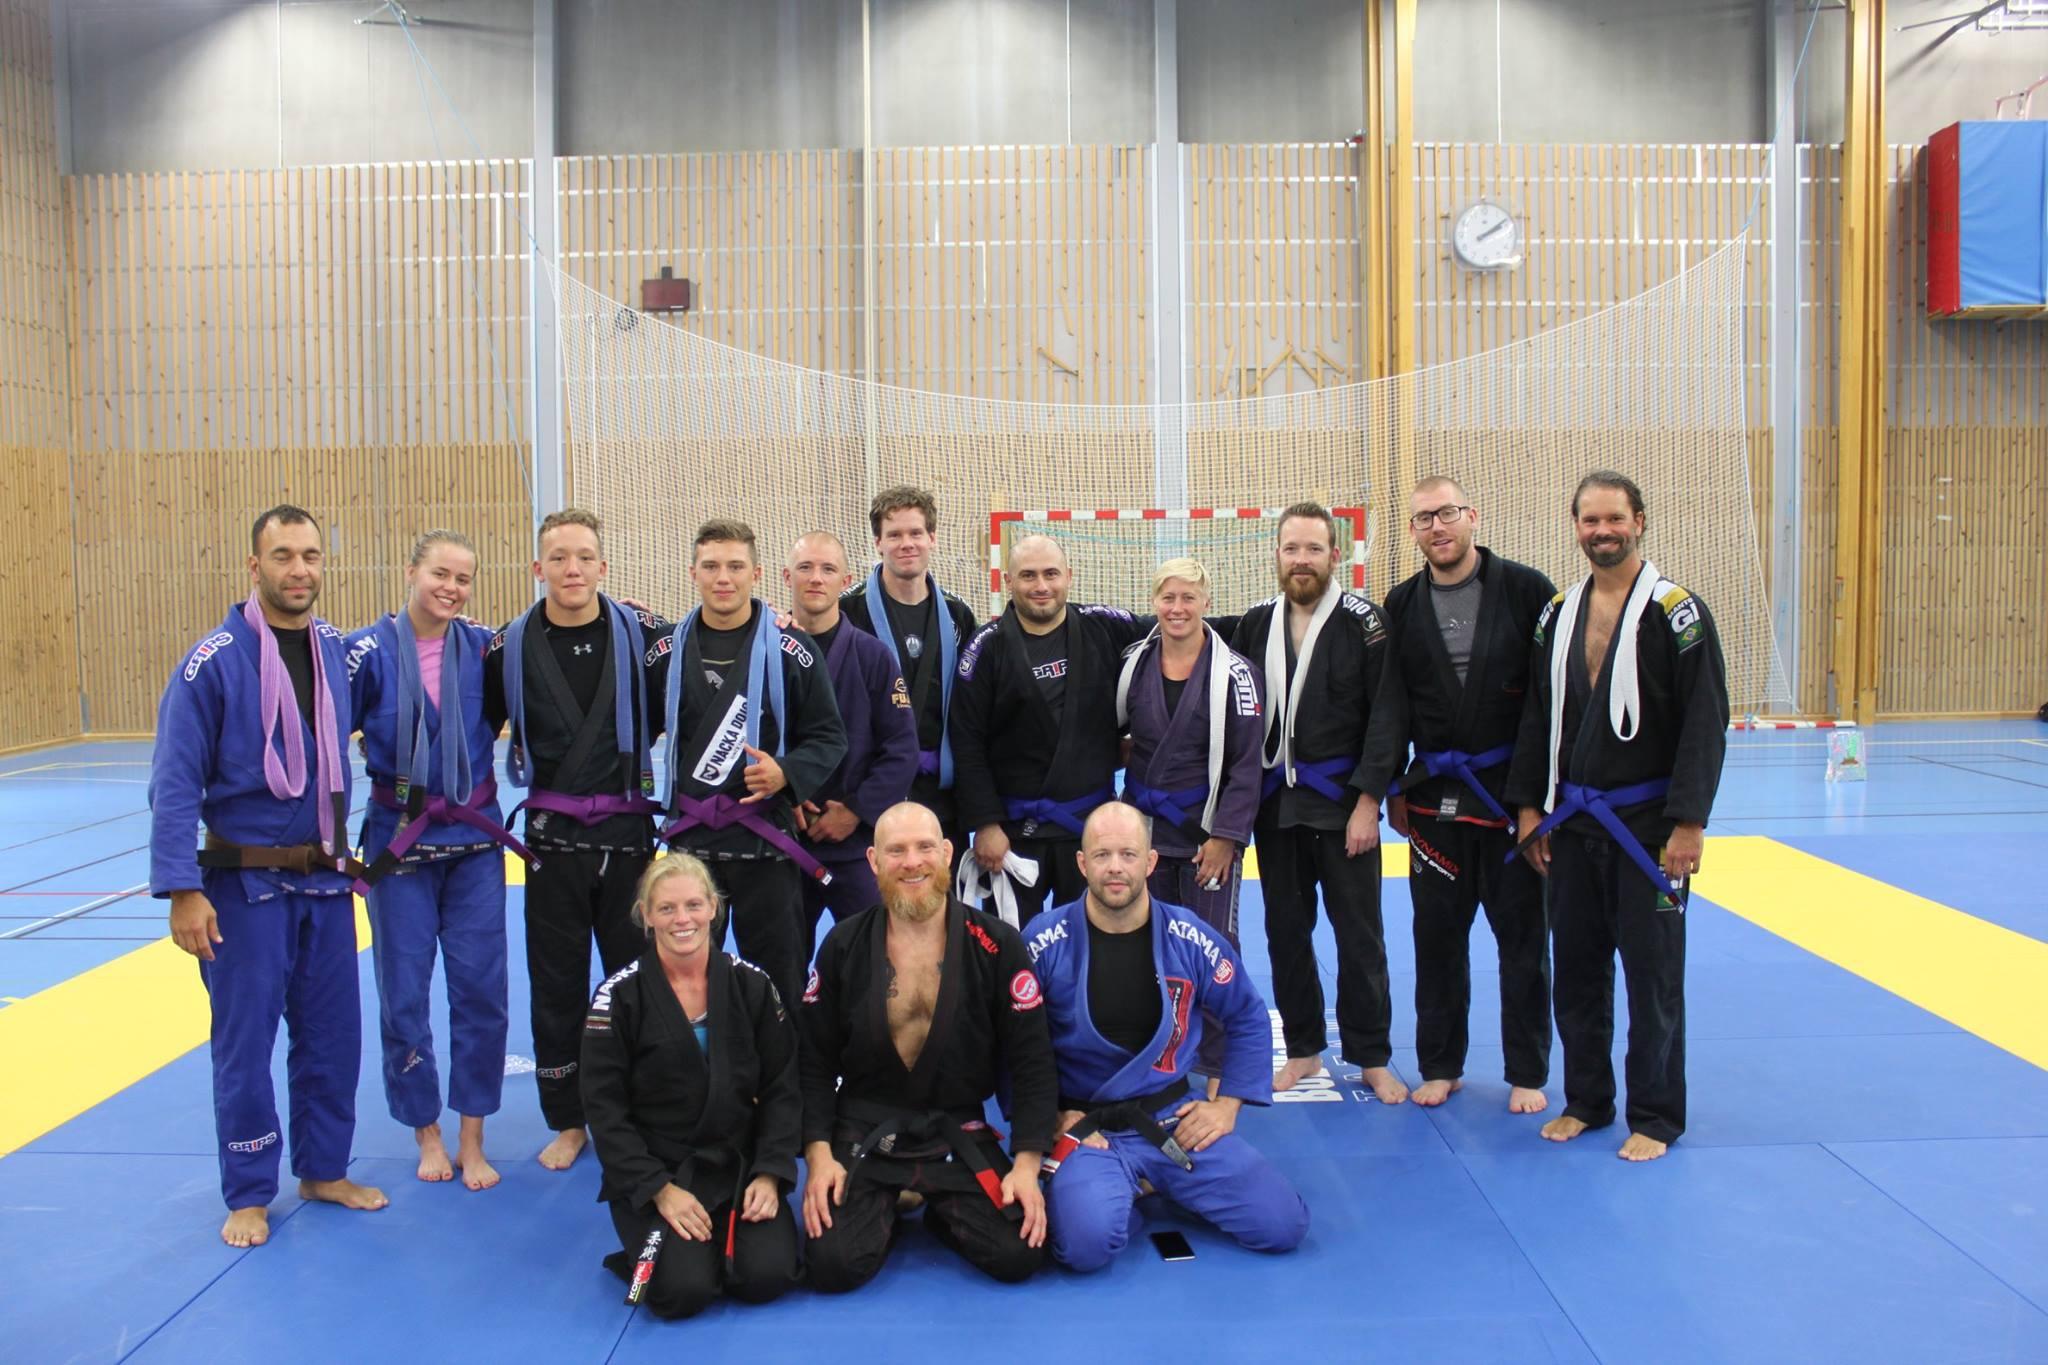 Linda Lindström och Micke Alpäng graderade till svart bälte i BJJ